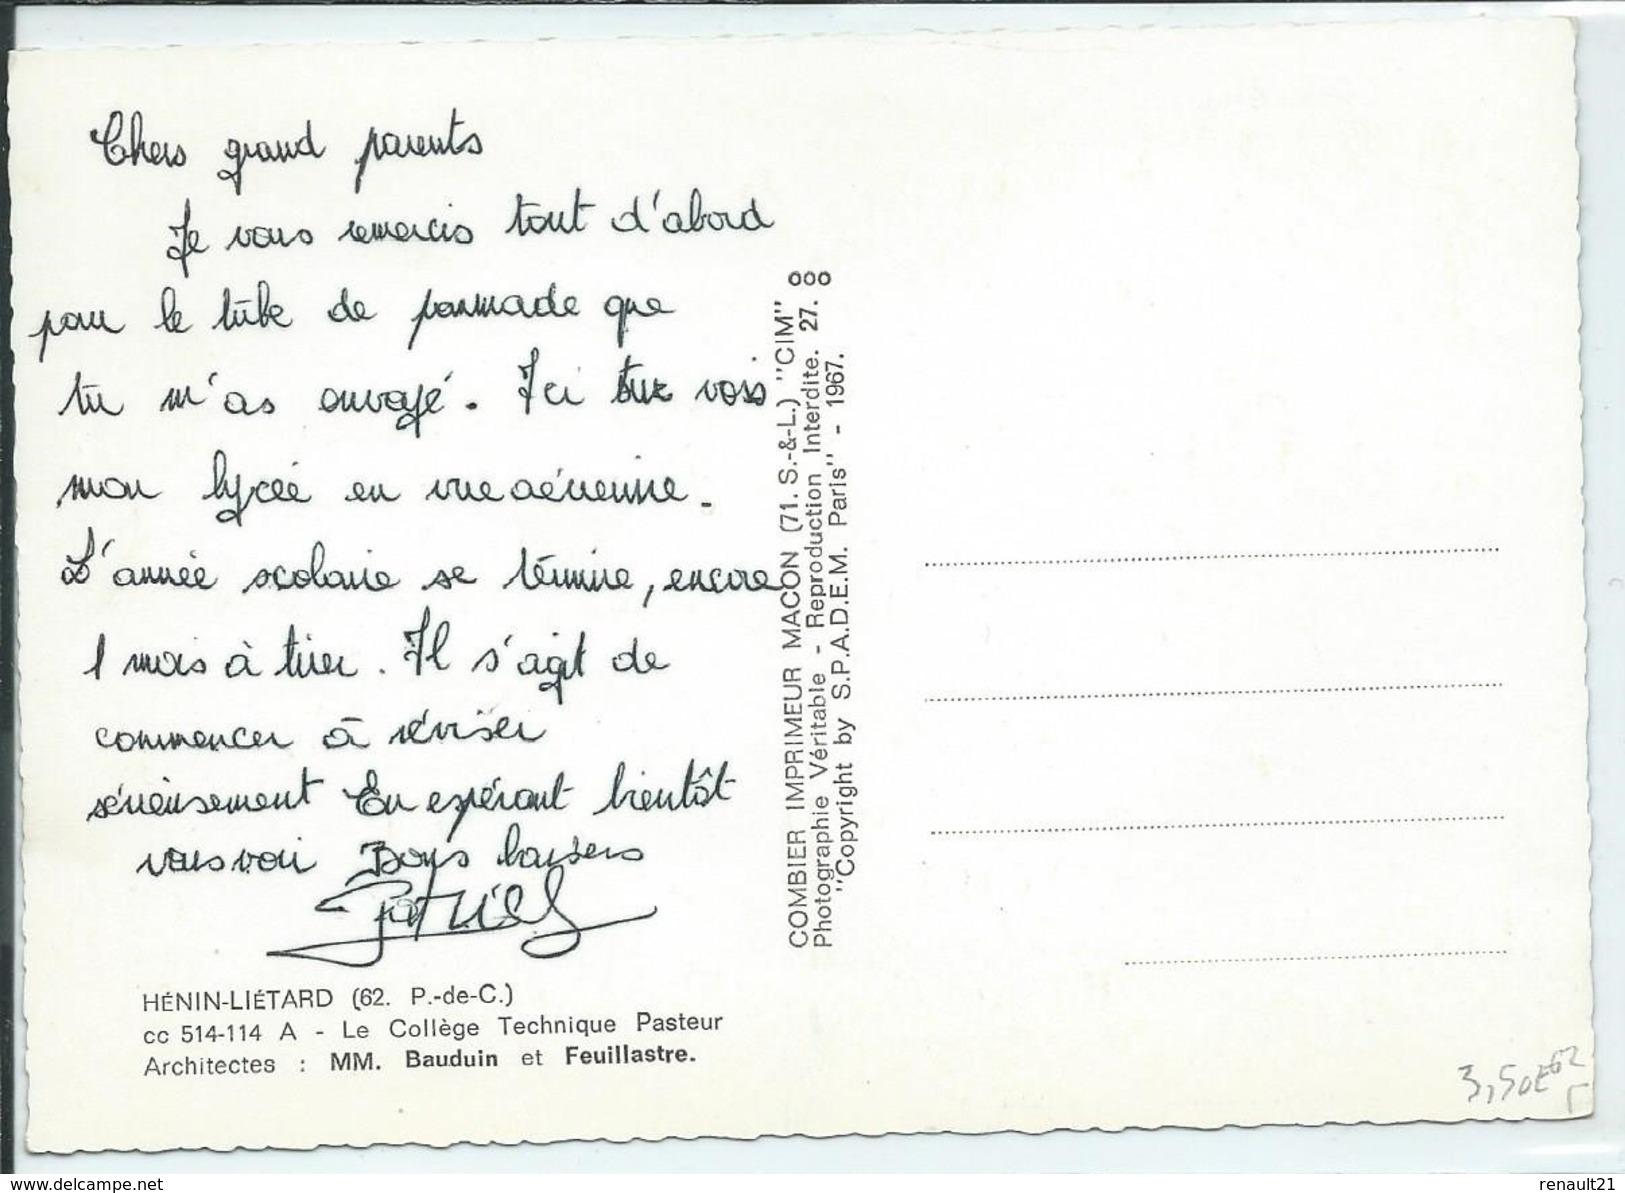 Hénin-Liétard-Le Collège Technique Pasteur (CPSM) - Henin-Beaumont